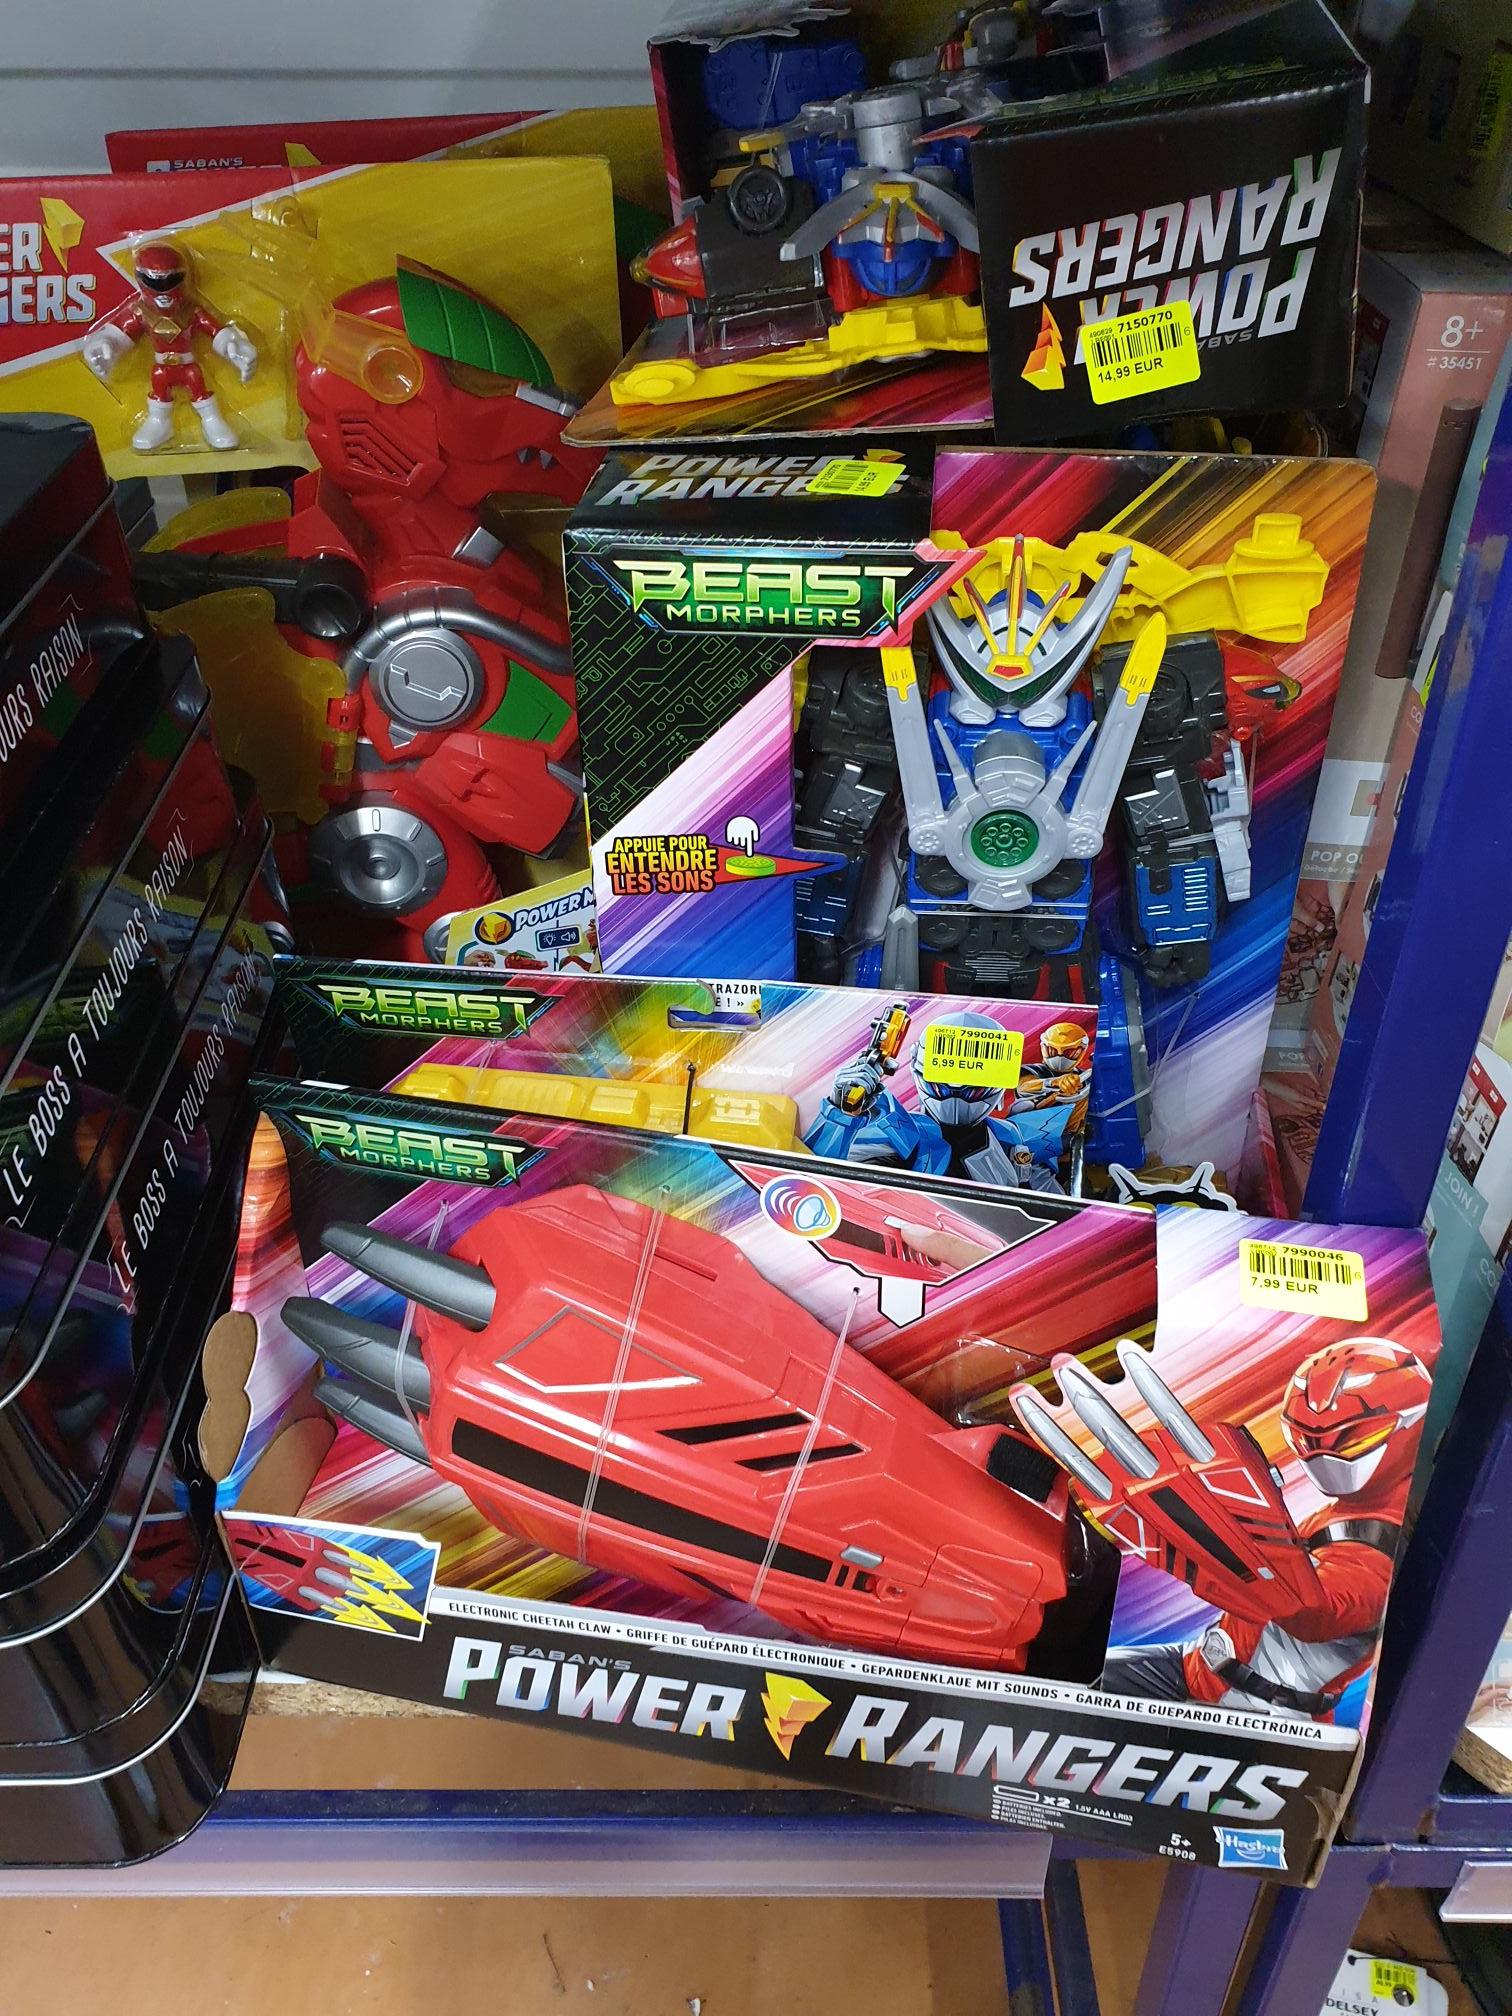 Sélection de jouets Power Rangers Beast Morphers en promotion - Plougastel-Daoulas (29)